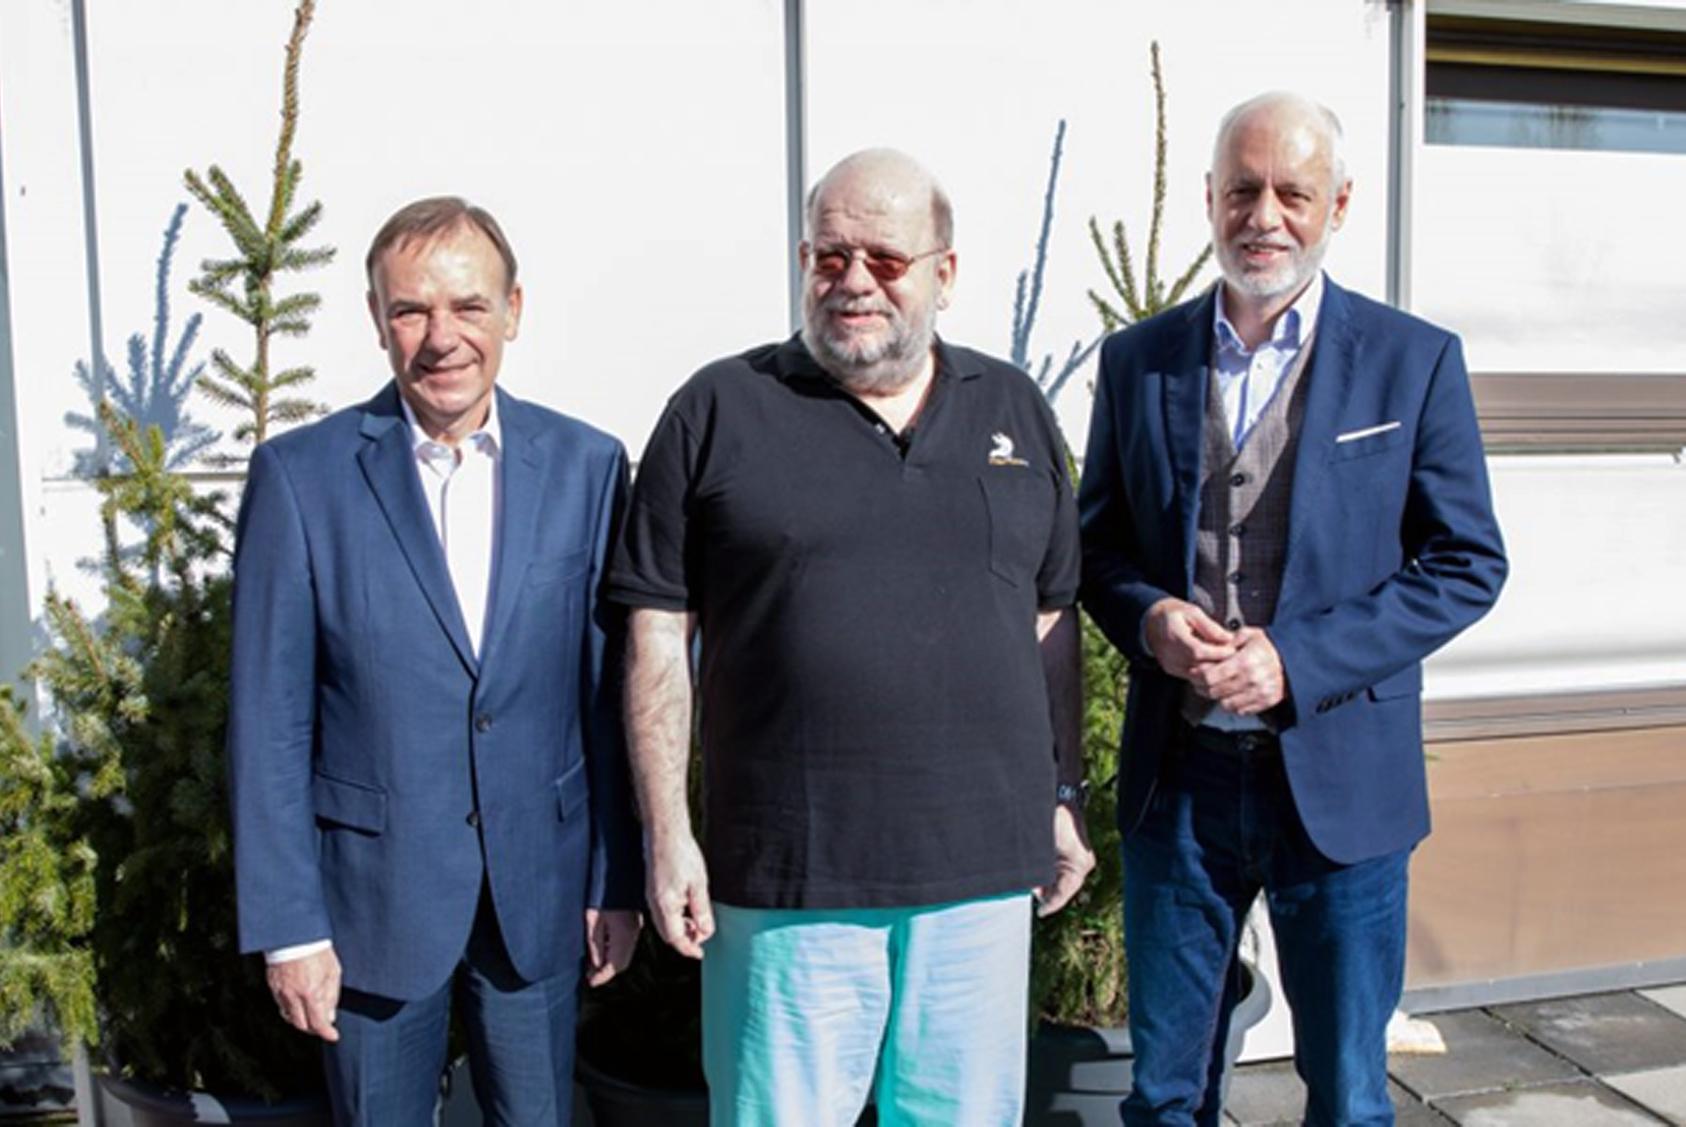 Bezirkschef Gerald Bischof, Friedrich Weiser und Gerald Bachinger (v. l. n. r.) freuen sich über die papierlose Ordination.